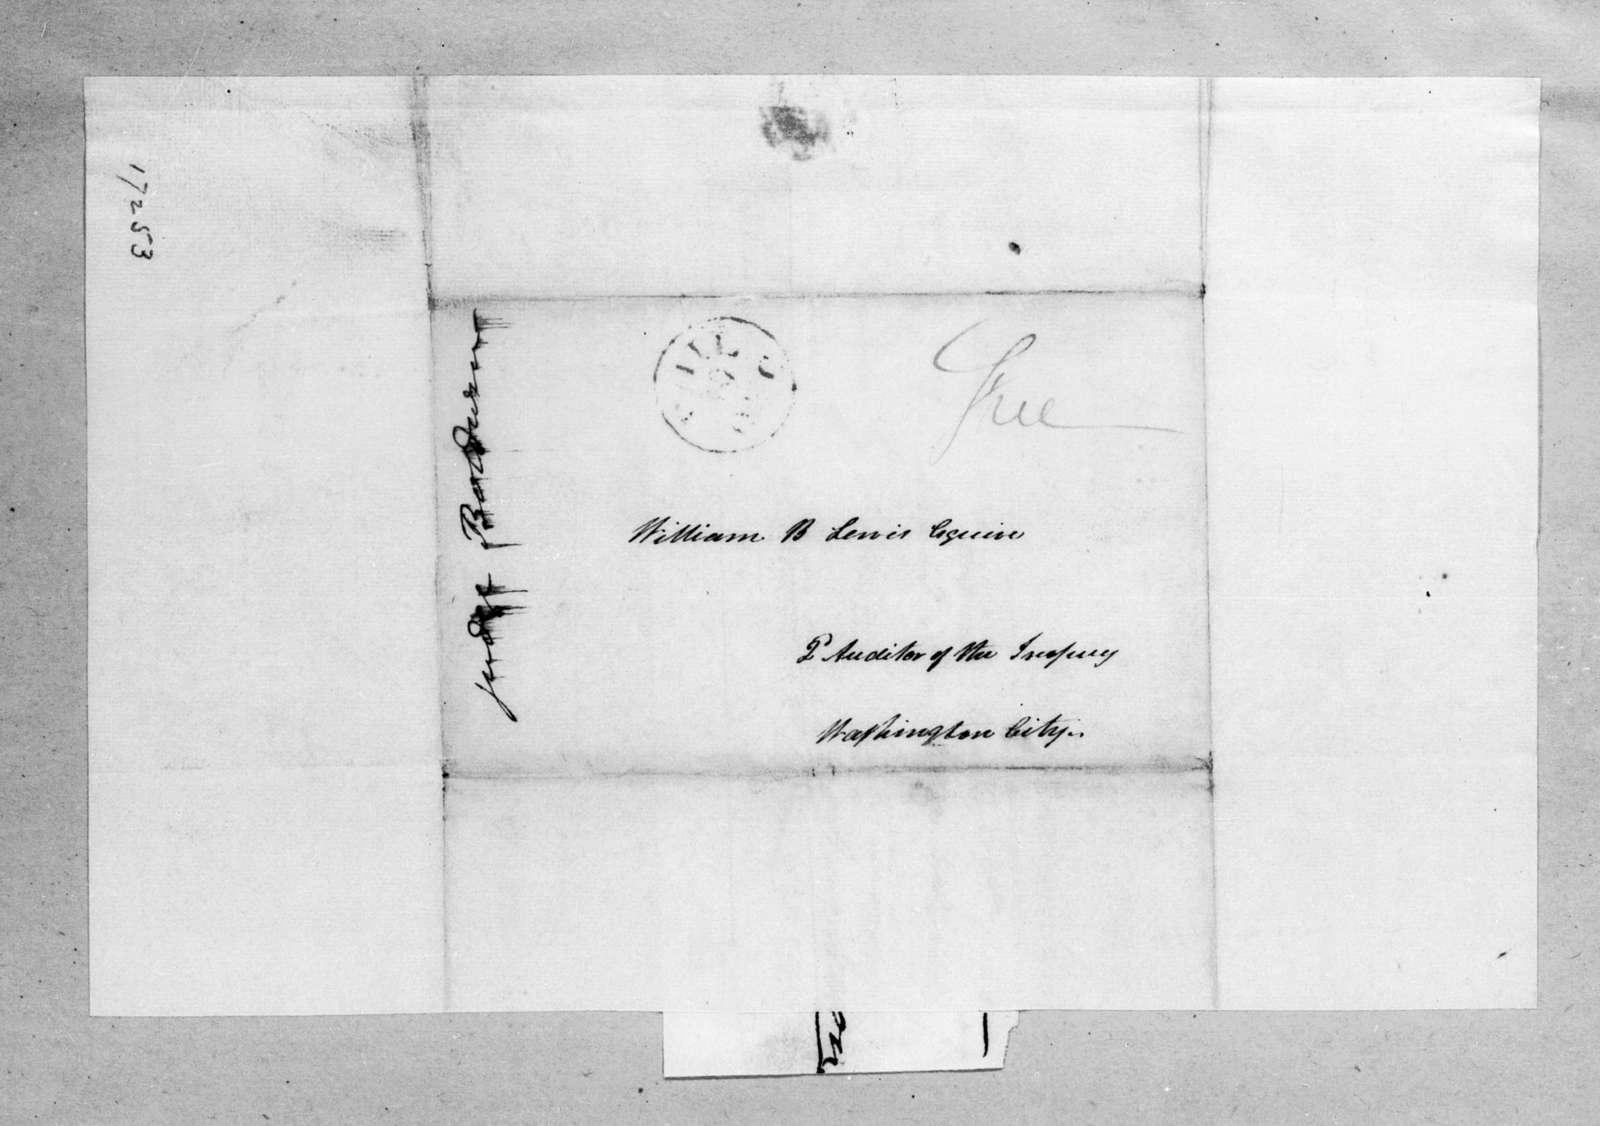 Henry Baldwin to William Berkeley Lewis, December 18, 1833